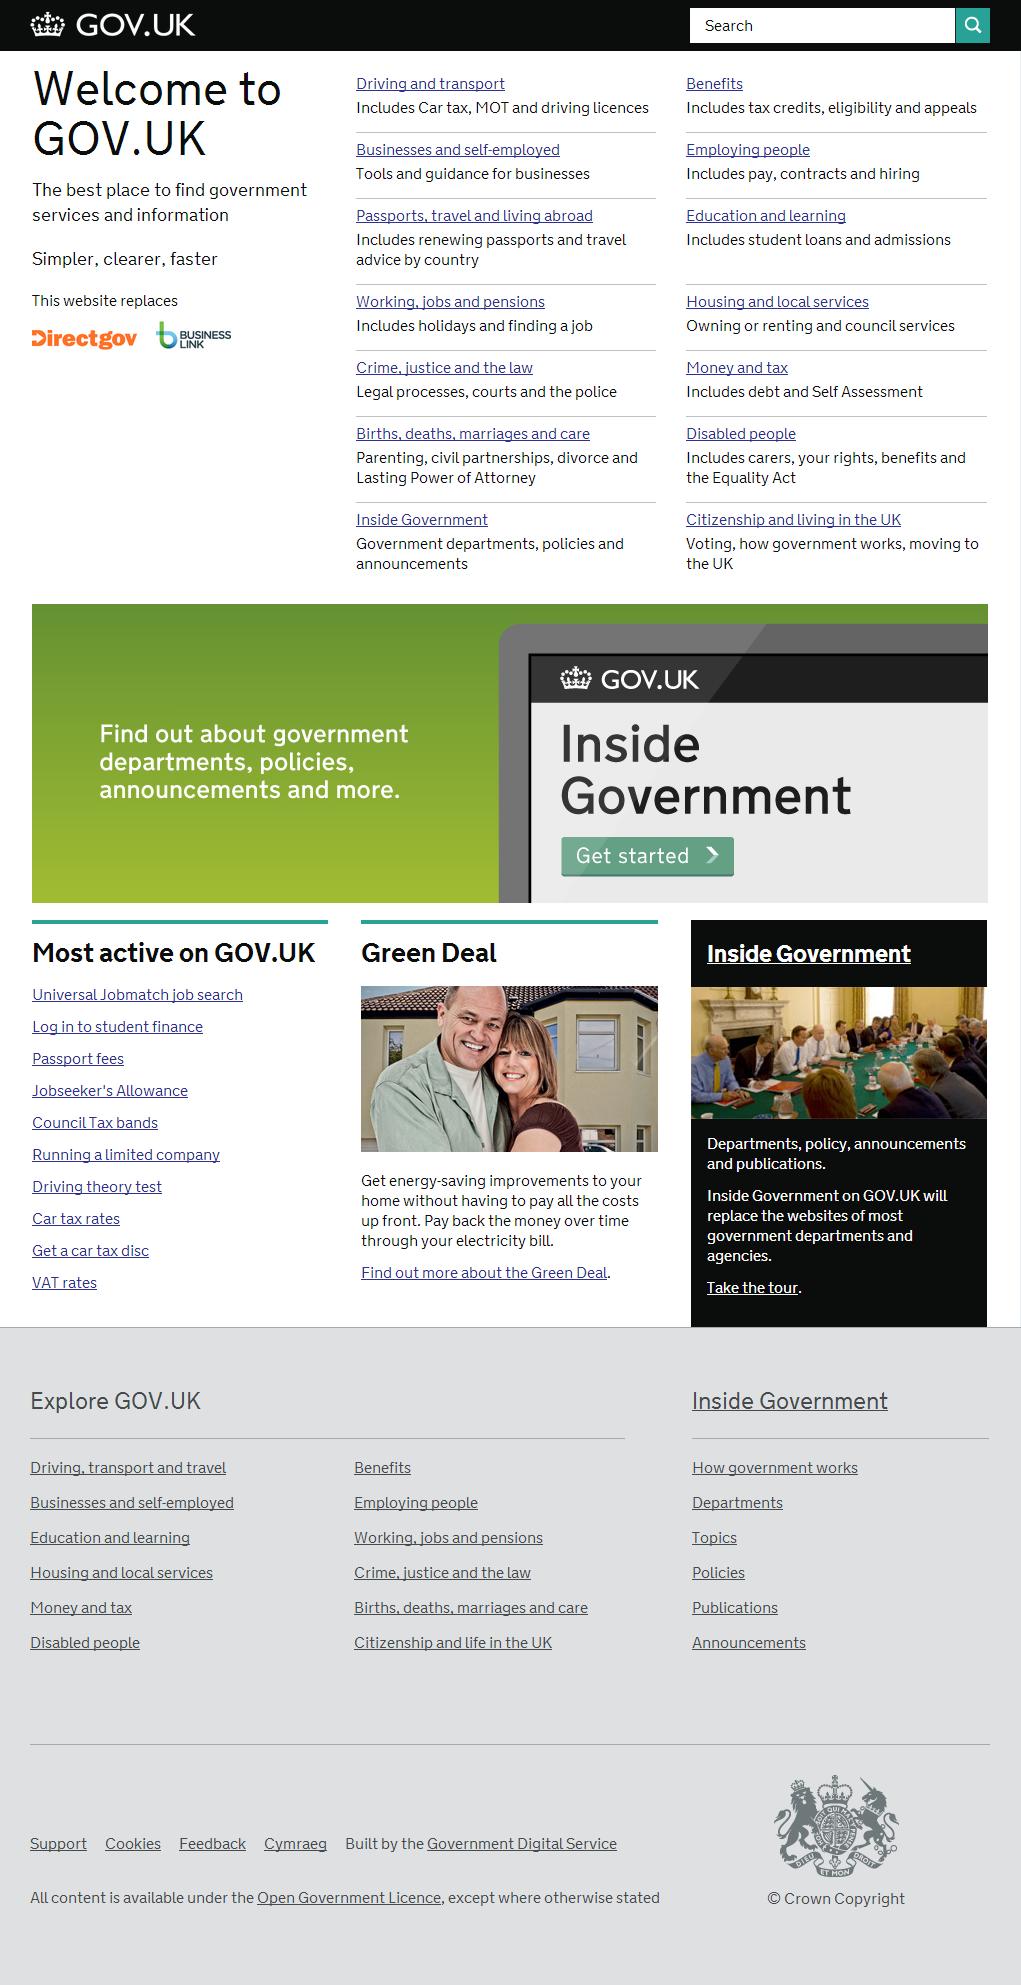 Sitio web del Gobierno Británico GOV.UK